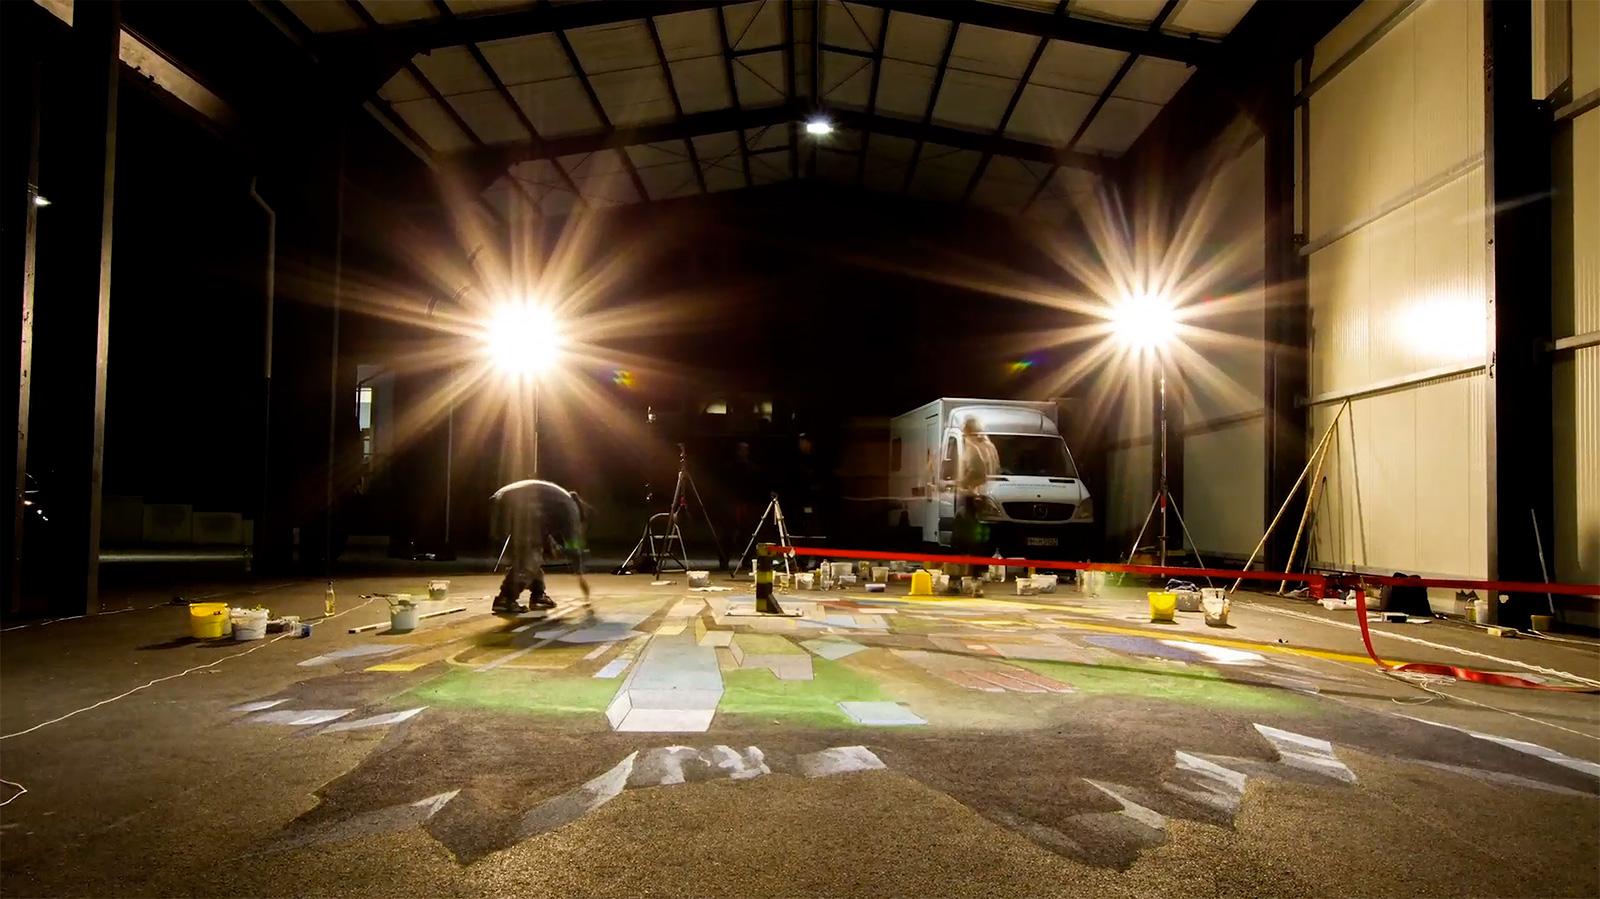 Illusionsmalerei für die O2 Werbekampagne making of nightshift